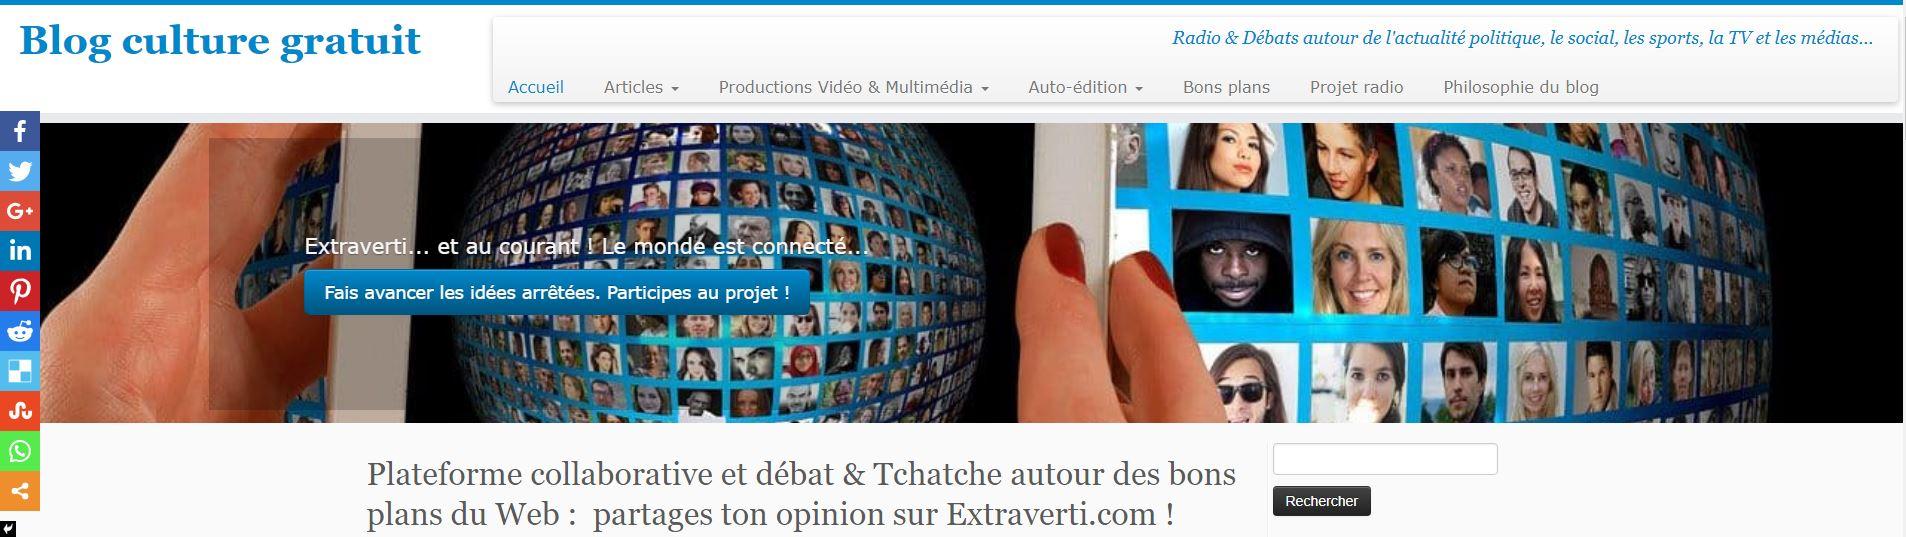 Extraverti.com : le blog ouvert au débat